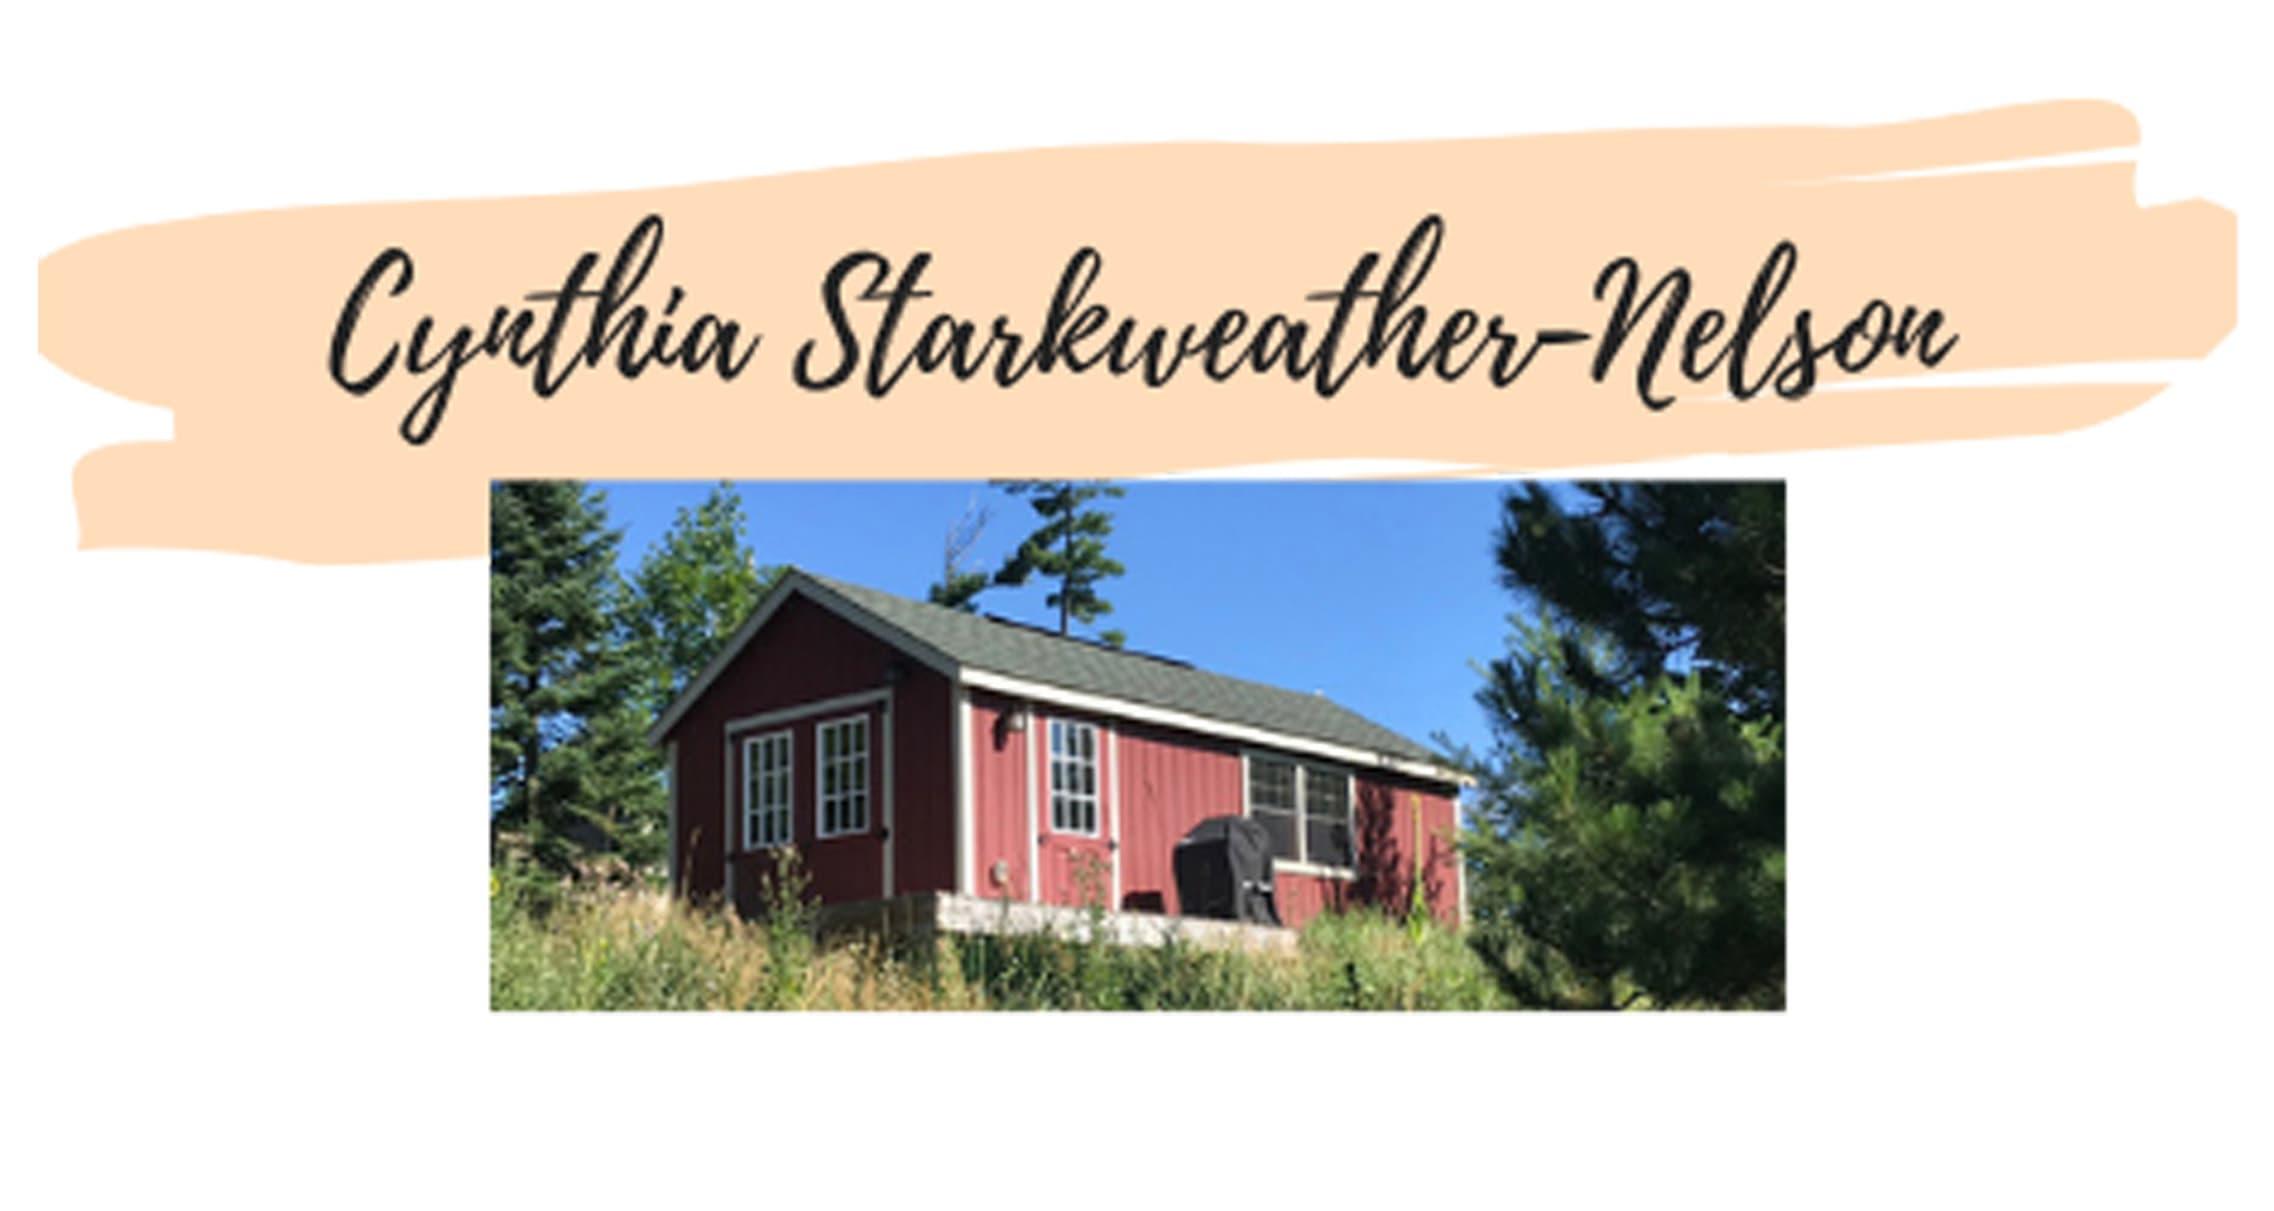 starkweatherart.com